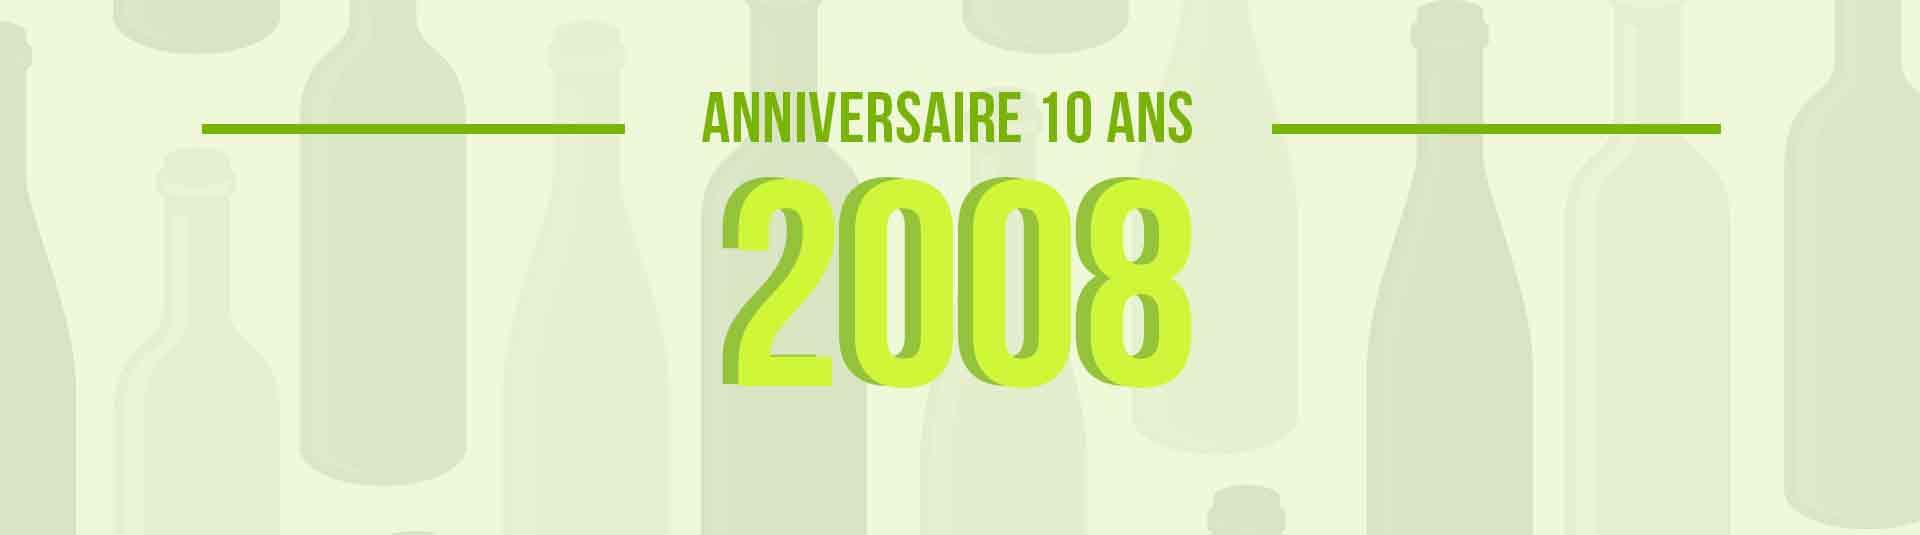 Vins de 2008 : cadeau d'anniversaire 10 ans